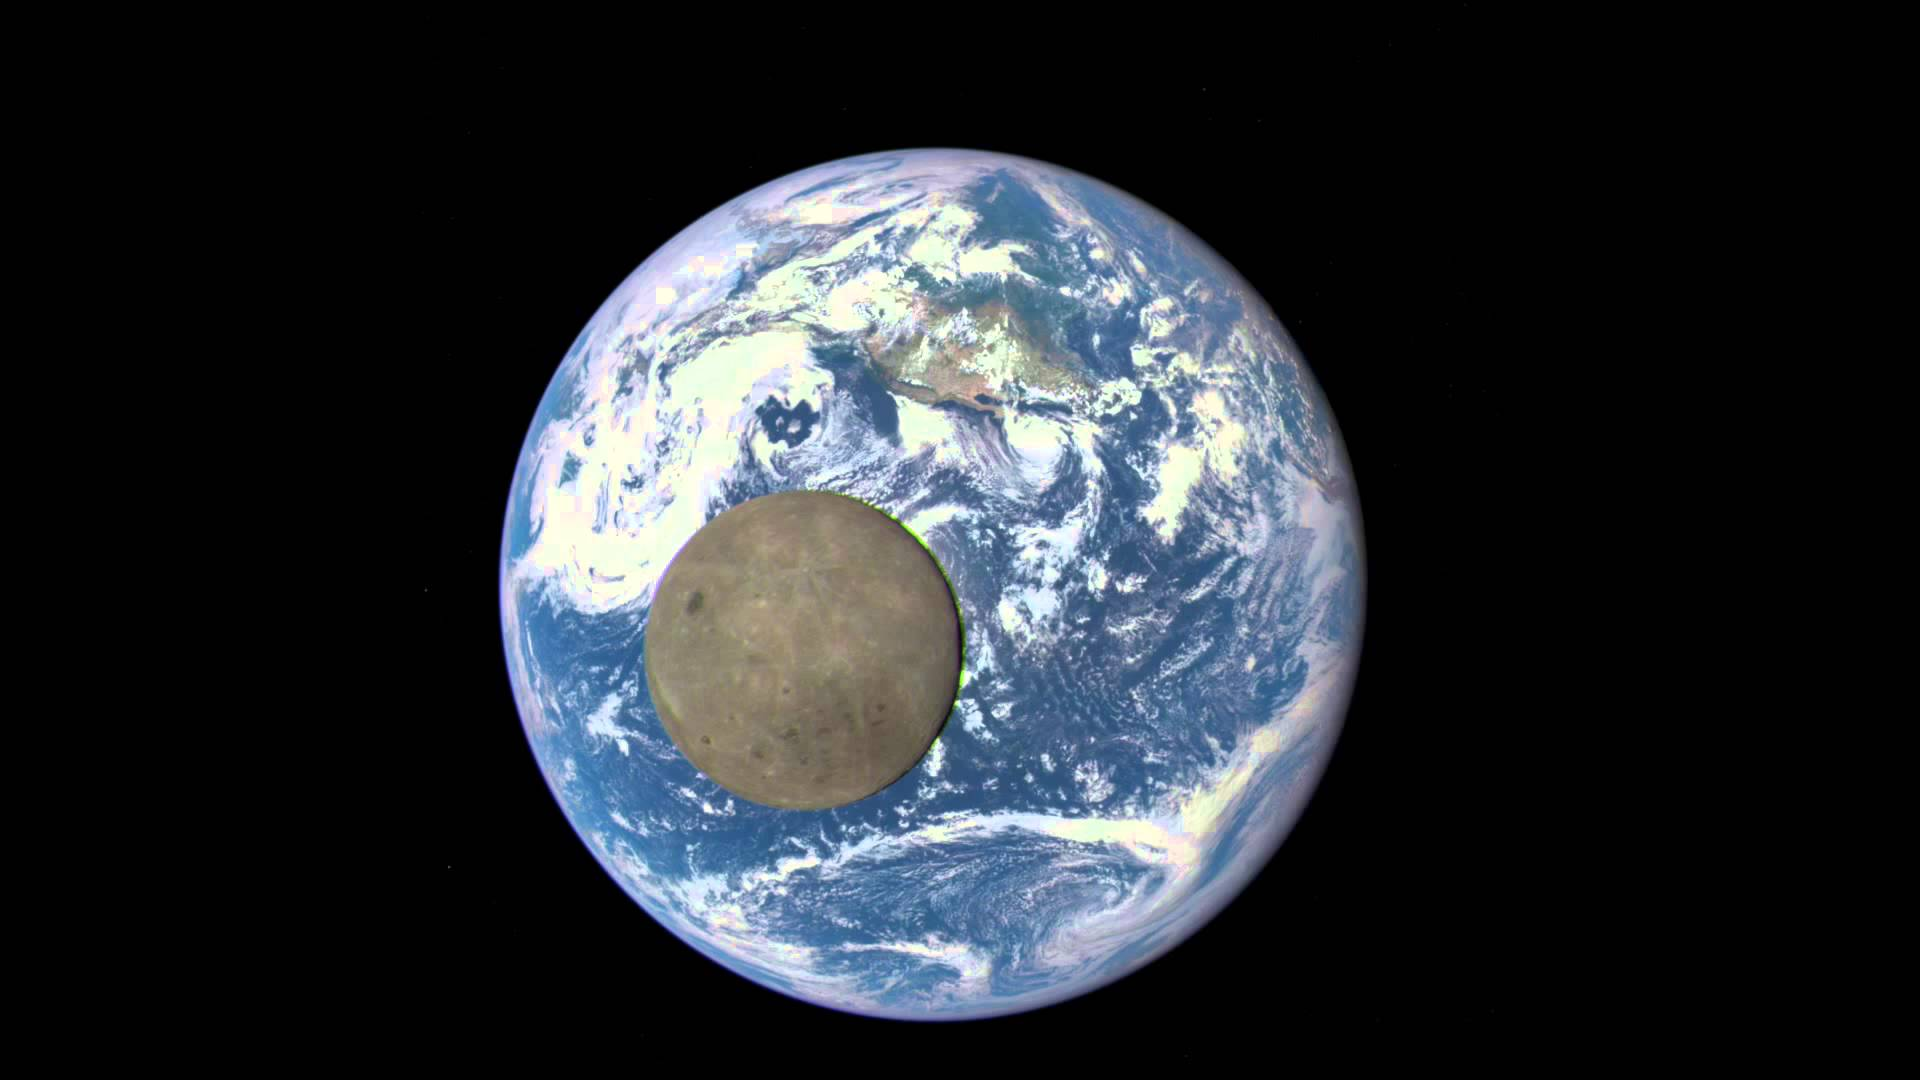 ماذا سيحدث لكوكب الأرض لو غاب القمر؟